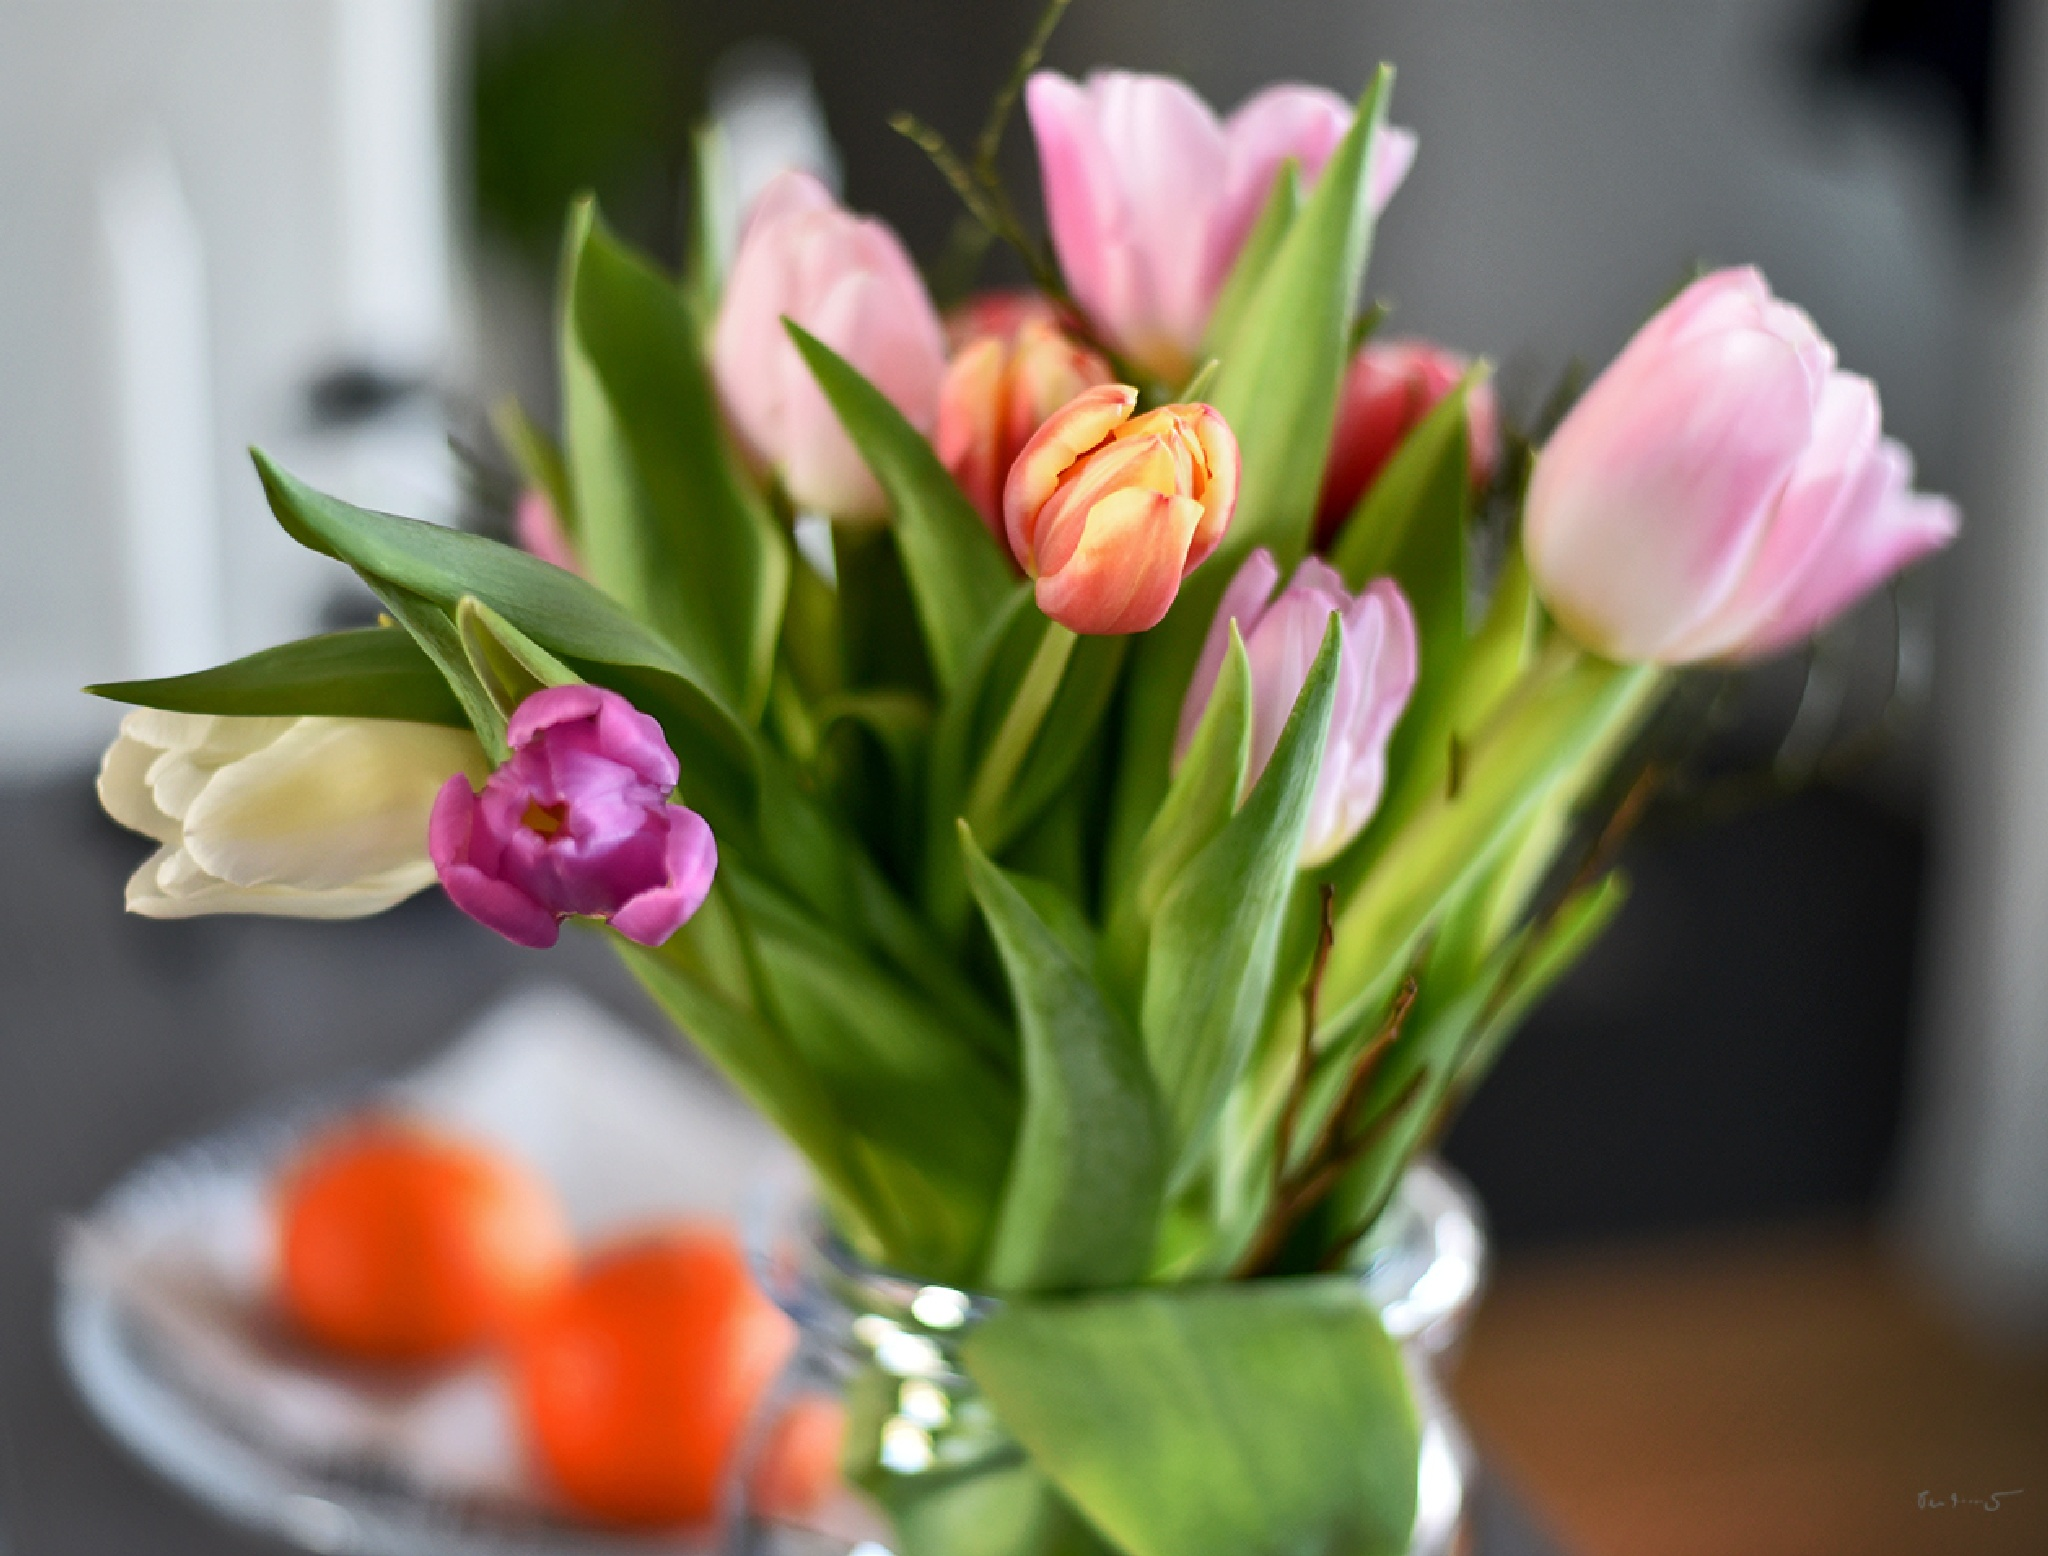 Tulip love by Per Arnesjö